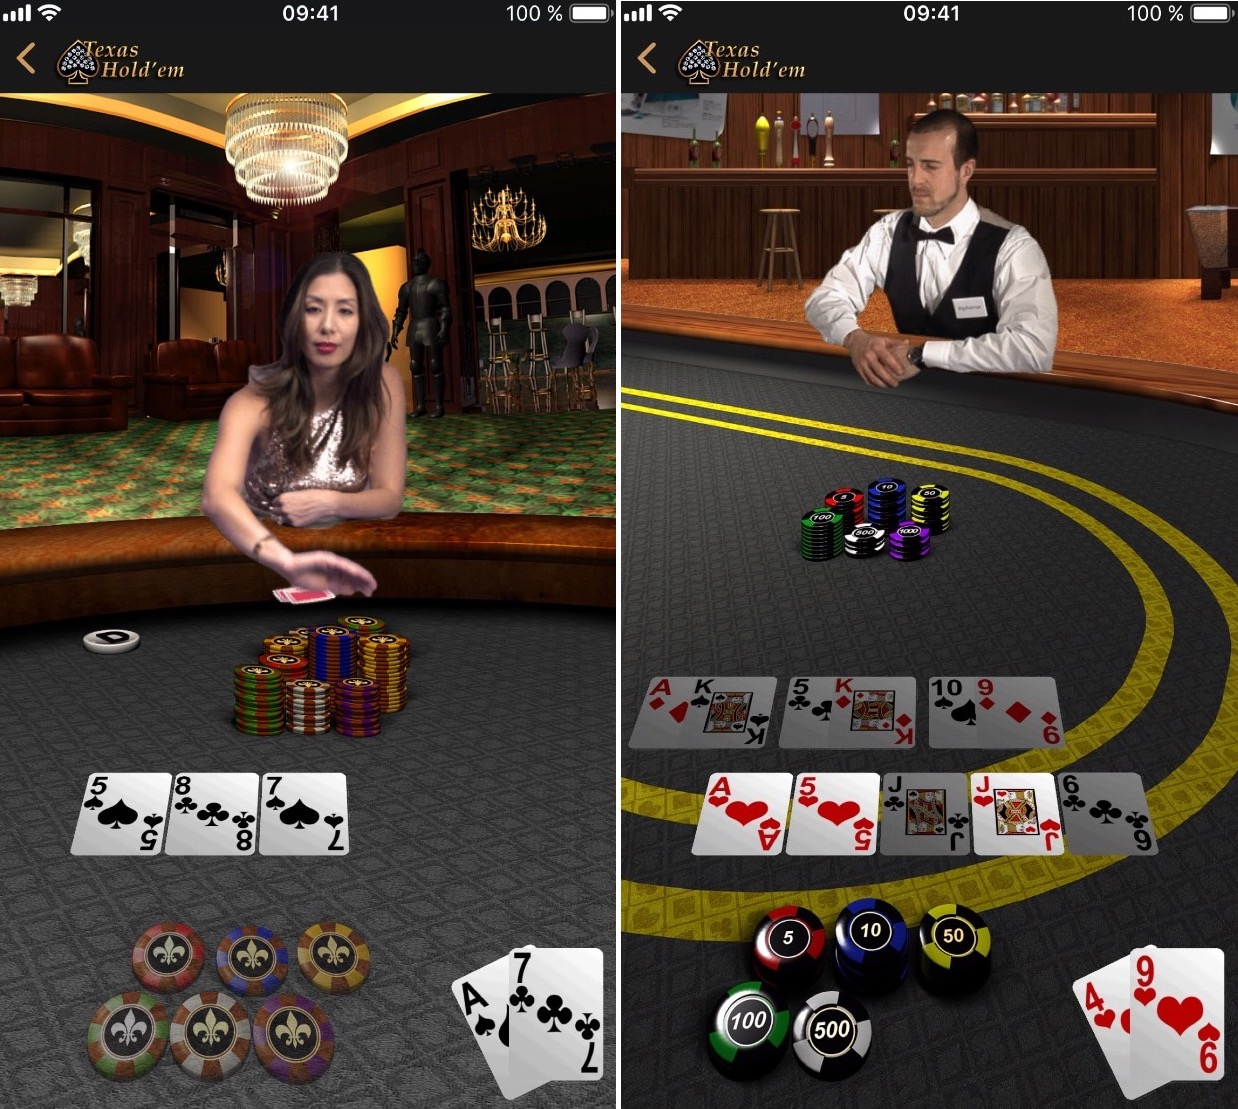 Historique: Apple met à jour son seul jeu iOS, Texas Hold'em (màj) 4